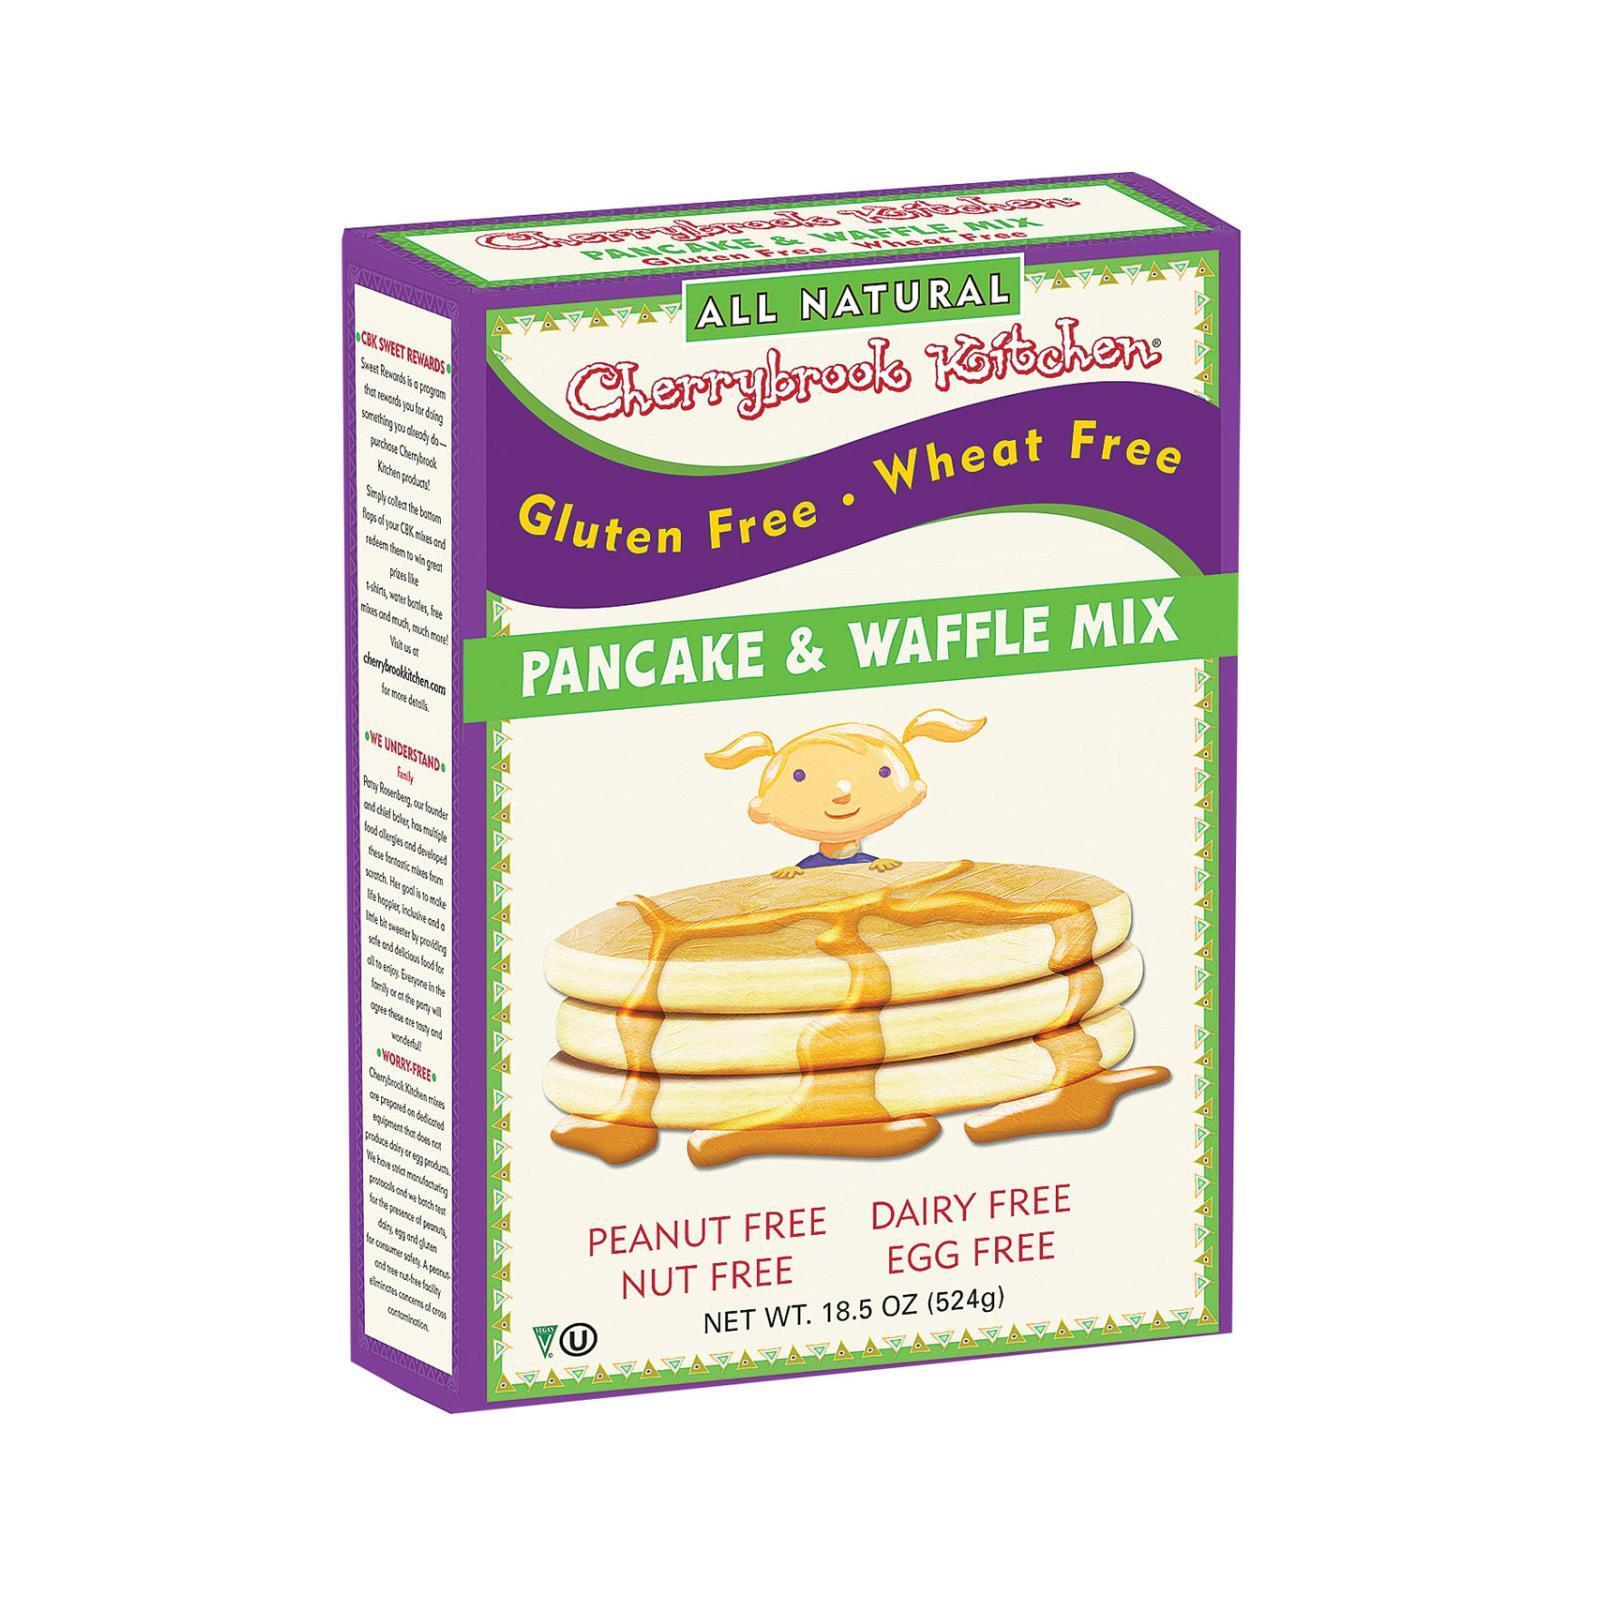 Cherrybrook Kitchen Pancake and Waffle Mix - Case of 6 - 18 oz.